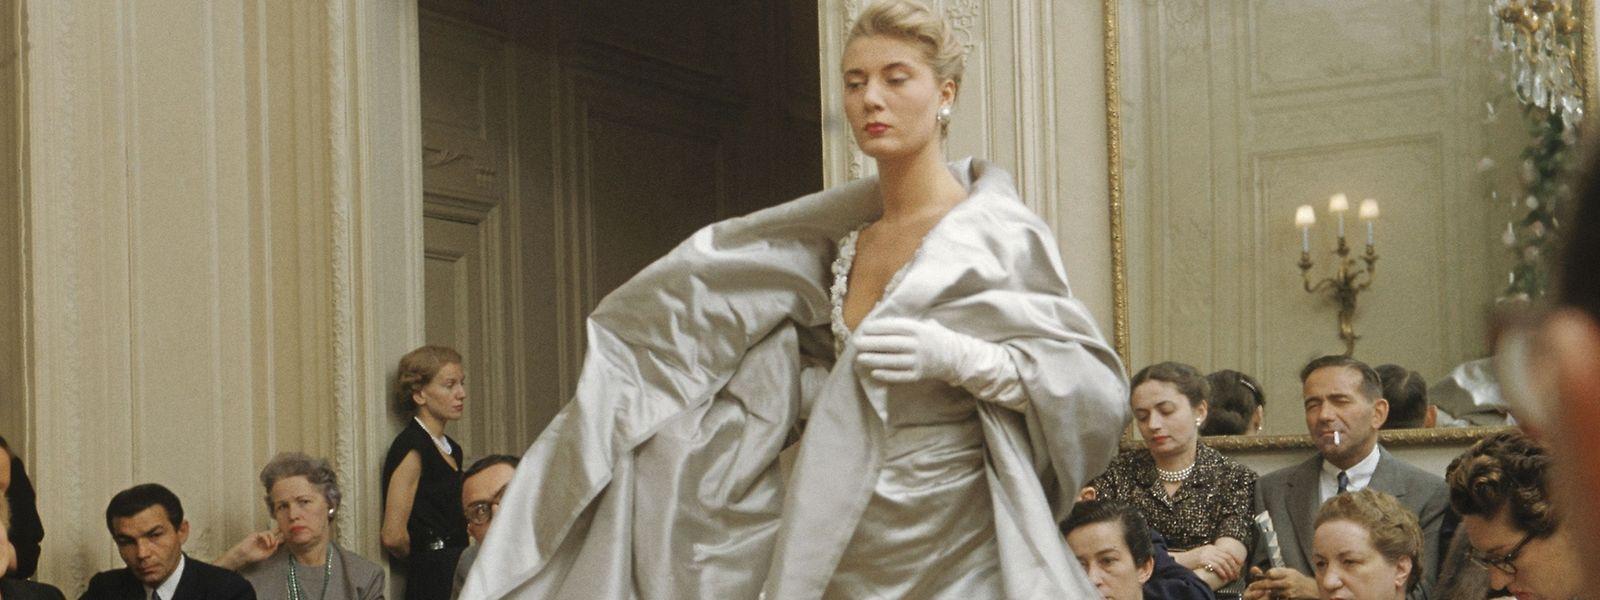 """Model France führt die Abendrobe """"Chambord"""" in einem für Dior typischen lichten Grau aus der Haute-Couture-Kollektion """"Ligne H"""" Herbst-Winter von 1954vor."""